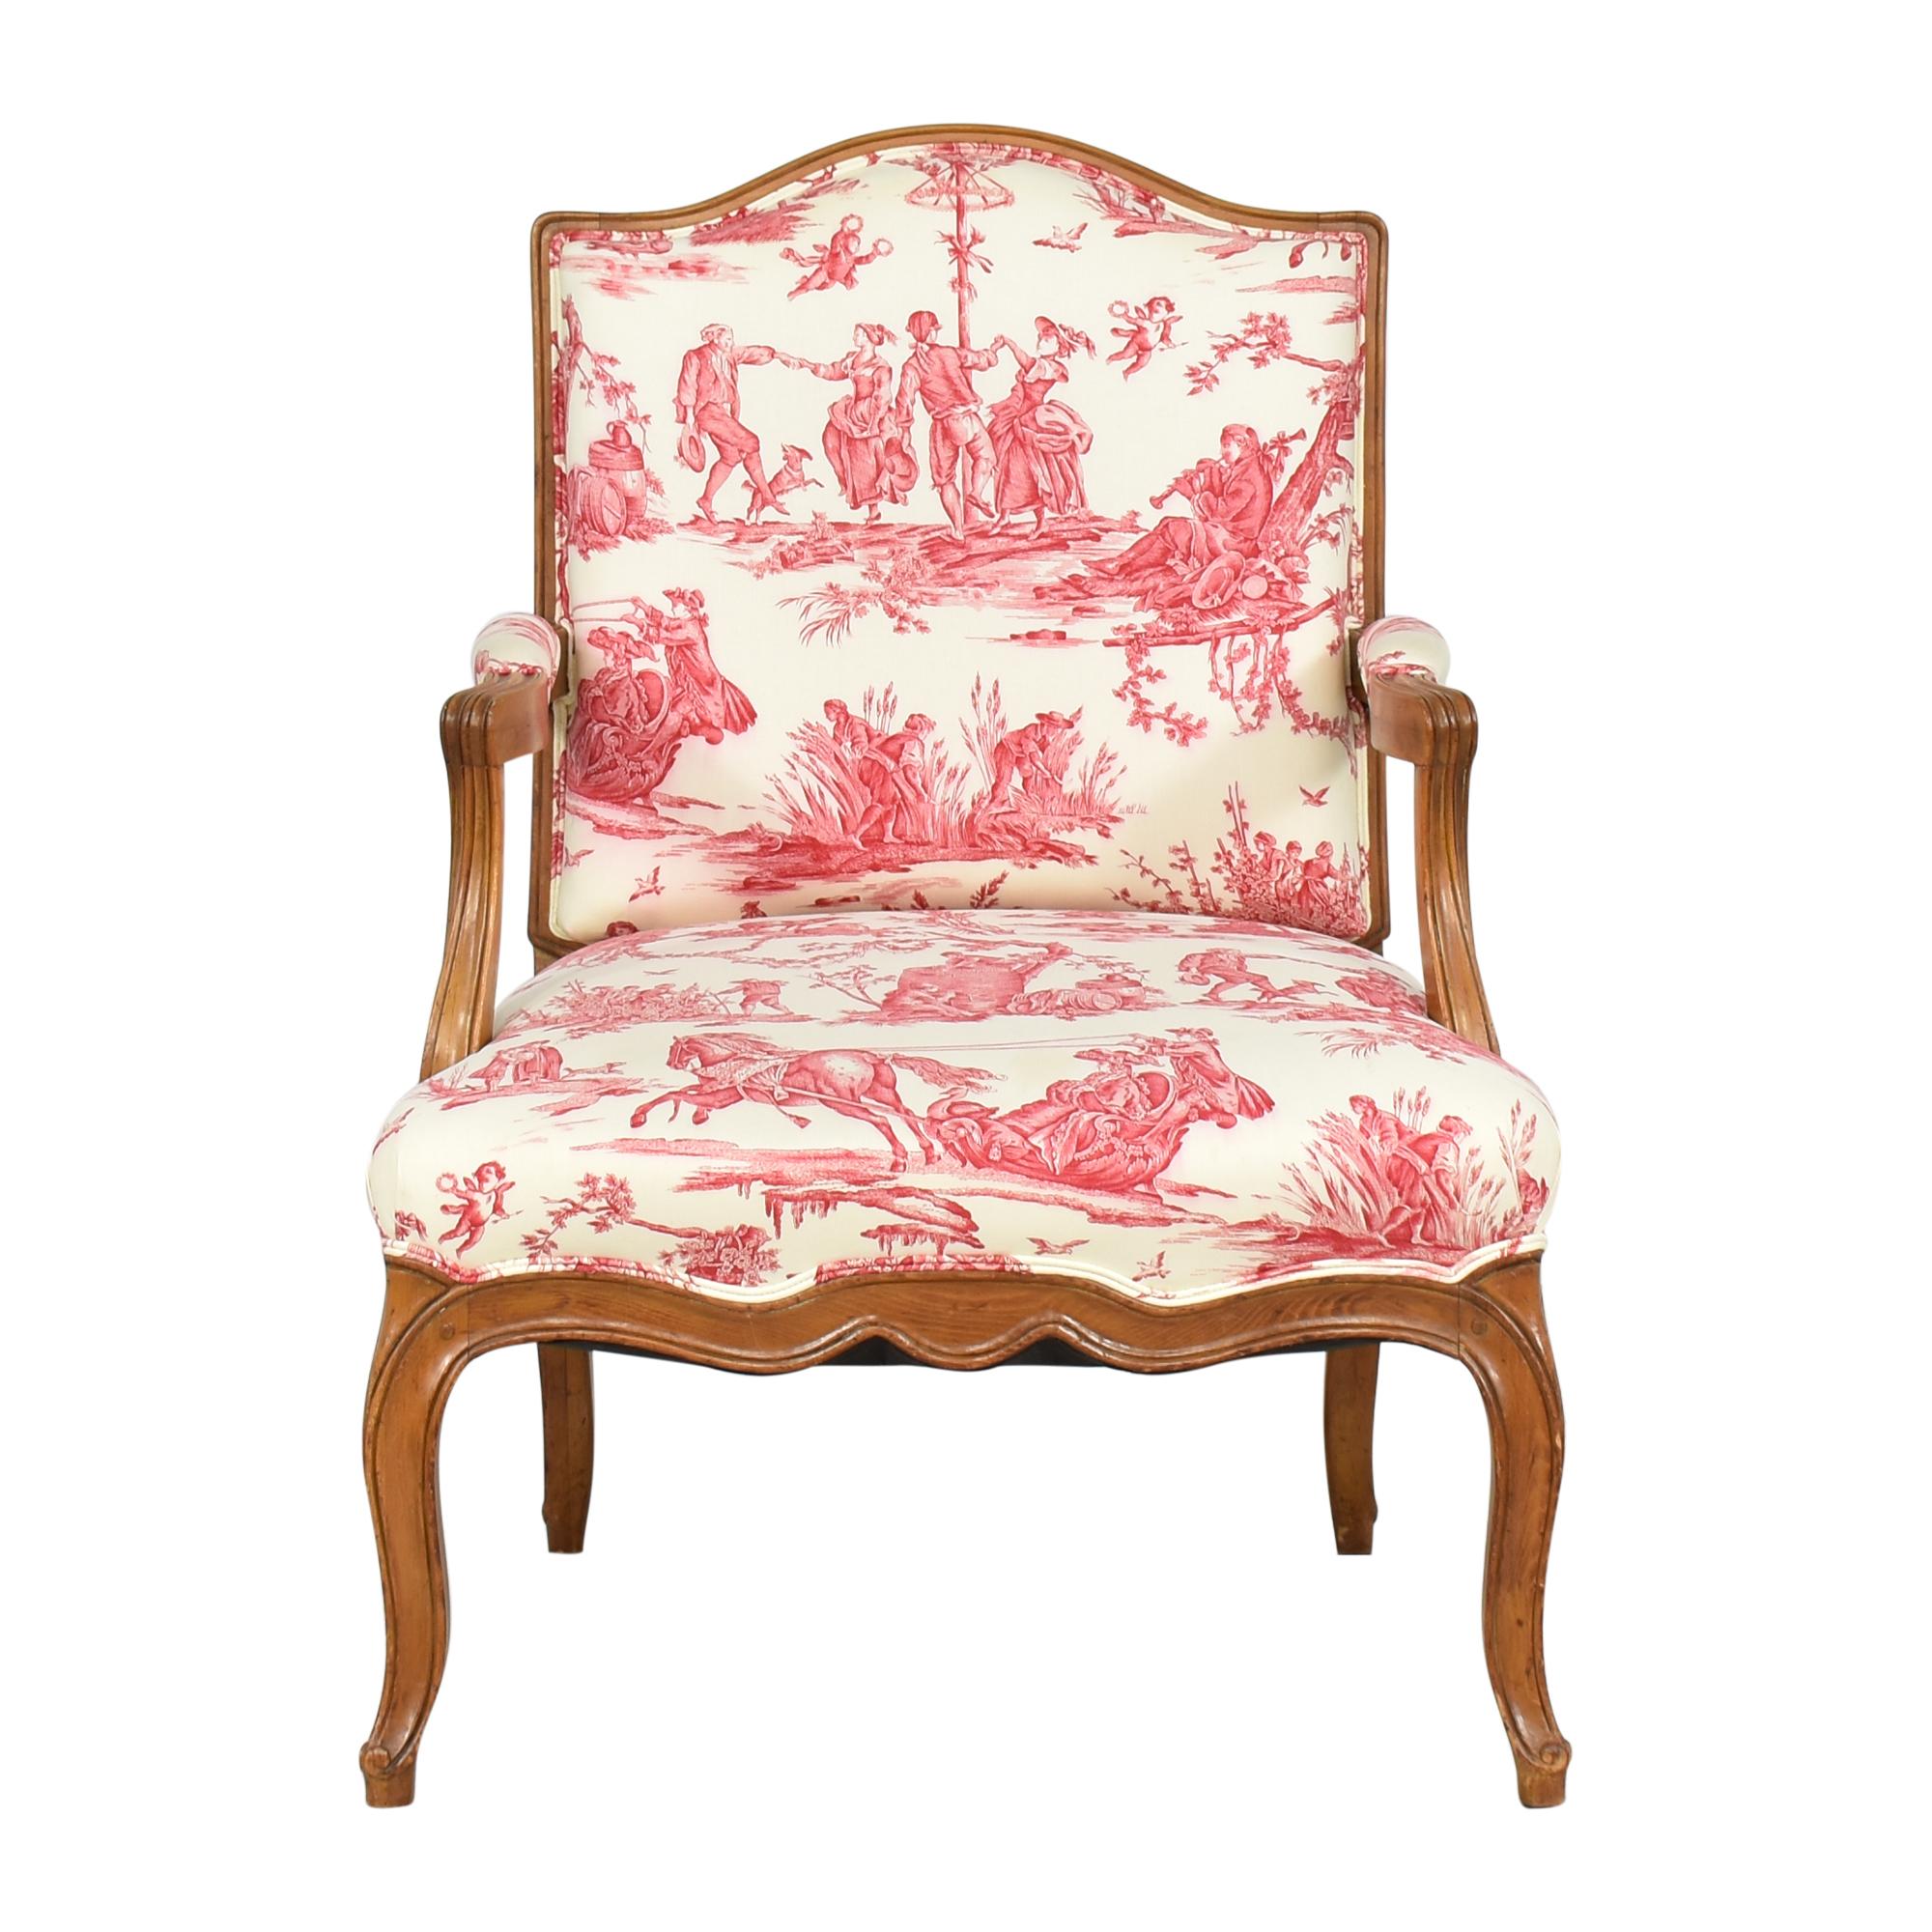 Pierre Deux Pierre Deux Upholstered Arm Chair dimensions